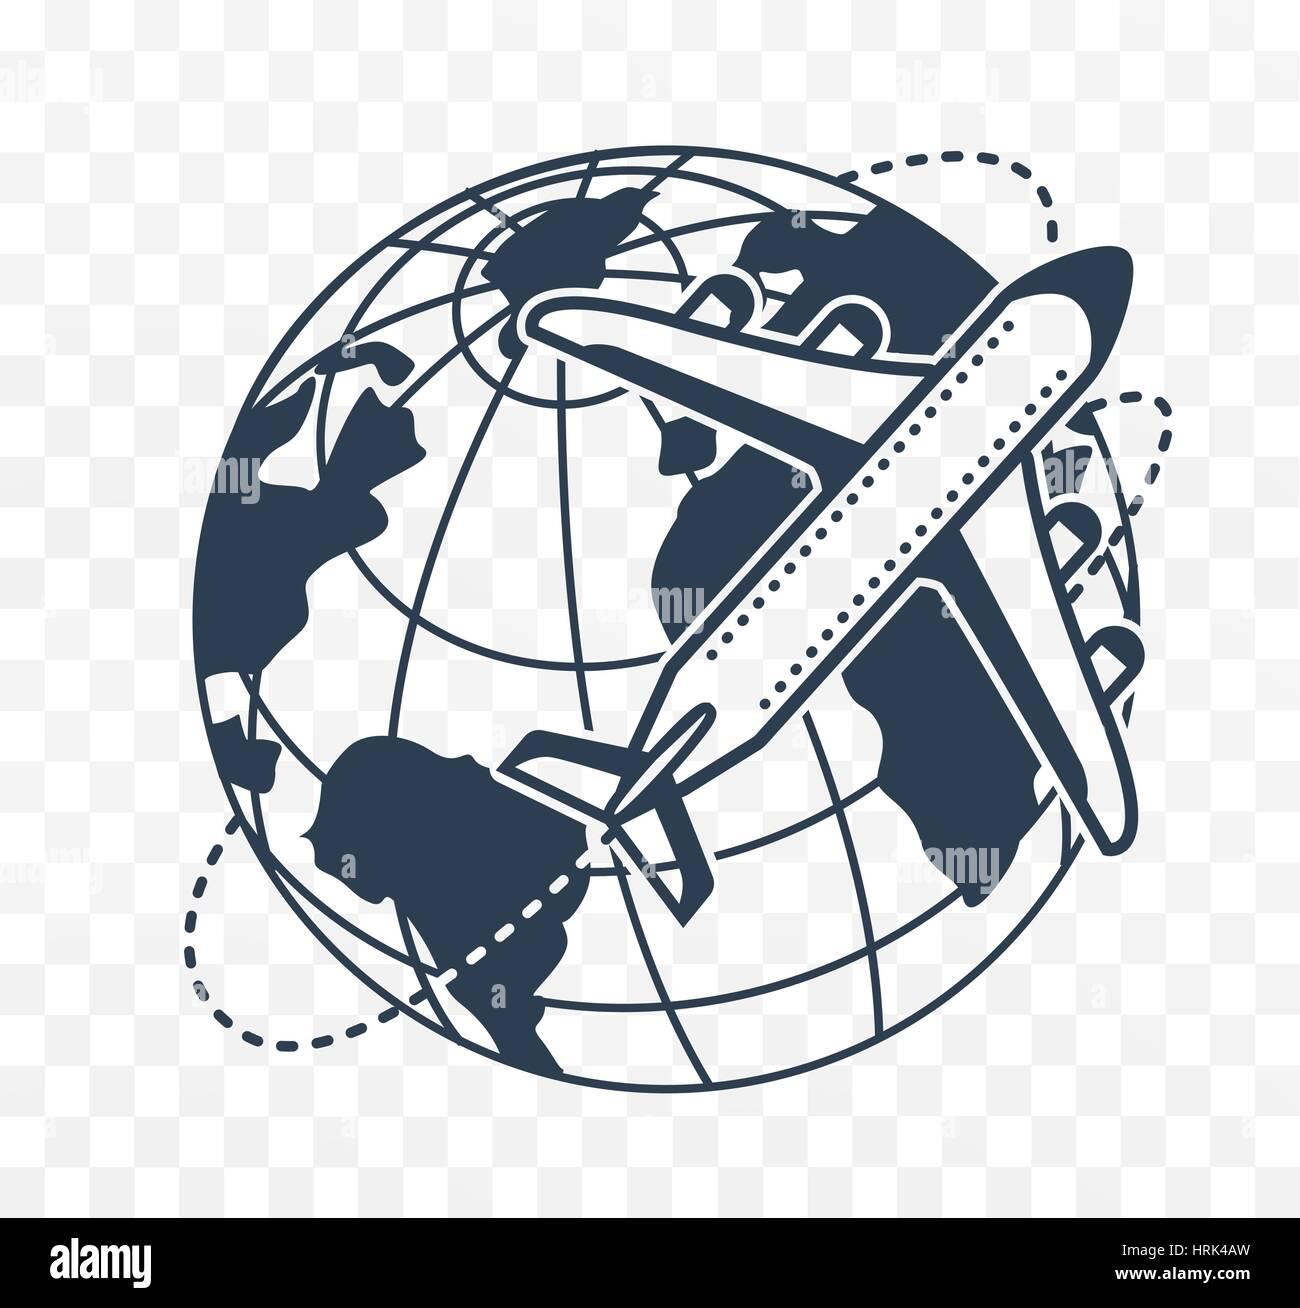 Symbol-Silhouette eines Flugzeugs auf der Hintergrund-Erde Stockbild